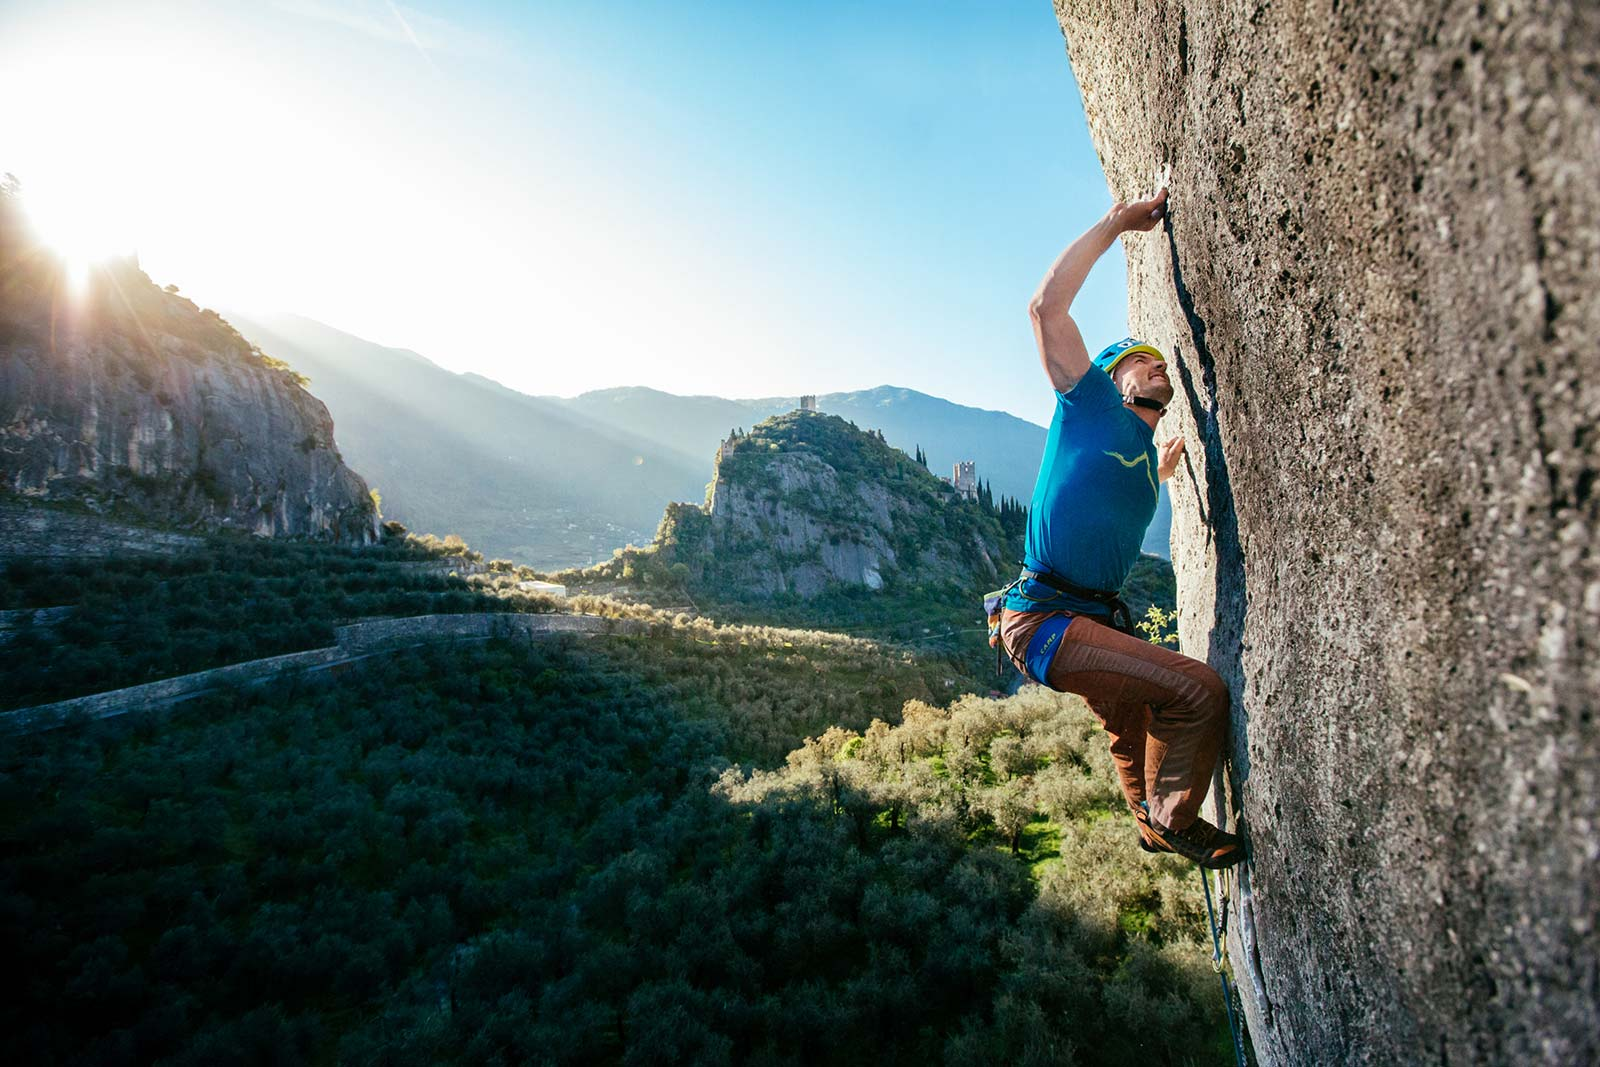 Giovanni Danieli, Arco Rock Star 2018 contest fotografico di arrampicata sportiva